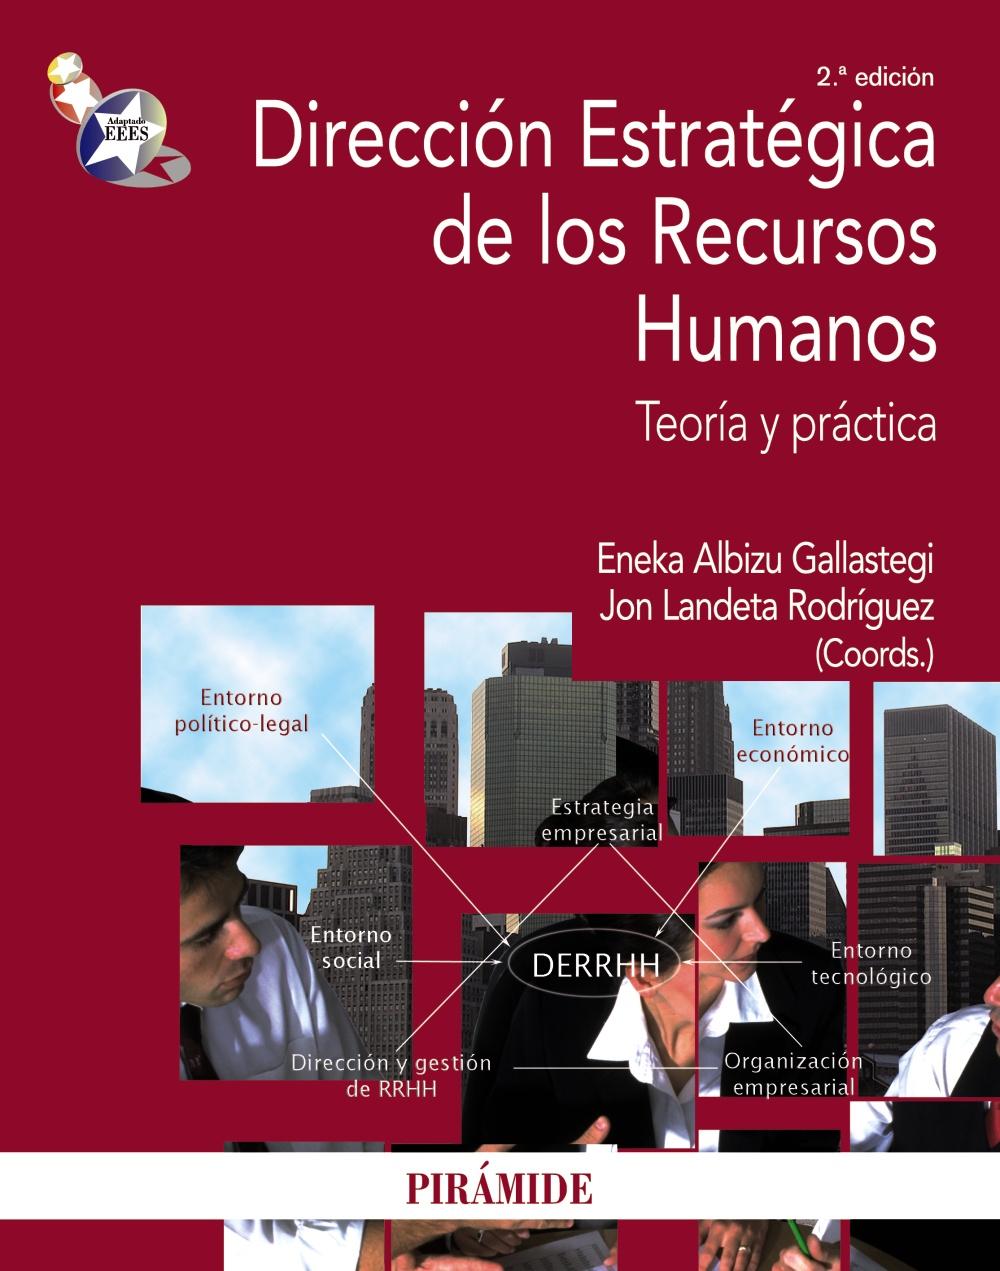 Direccion estrategica de los recursos humanos teoria y practica eneka albizu gallastegi jon